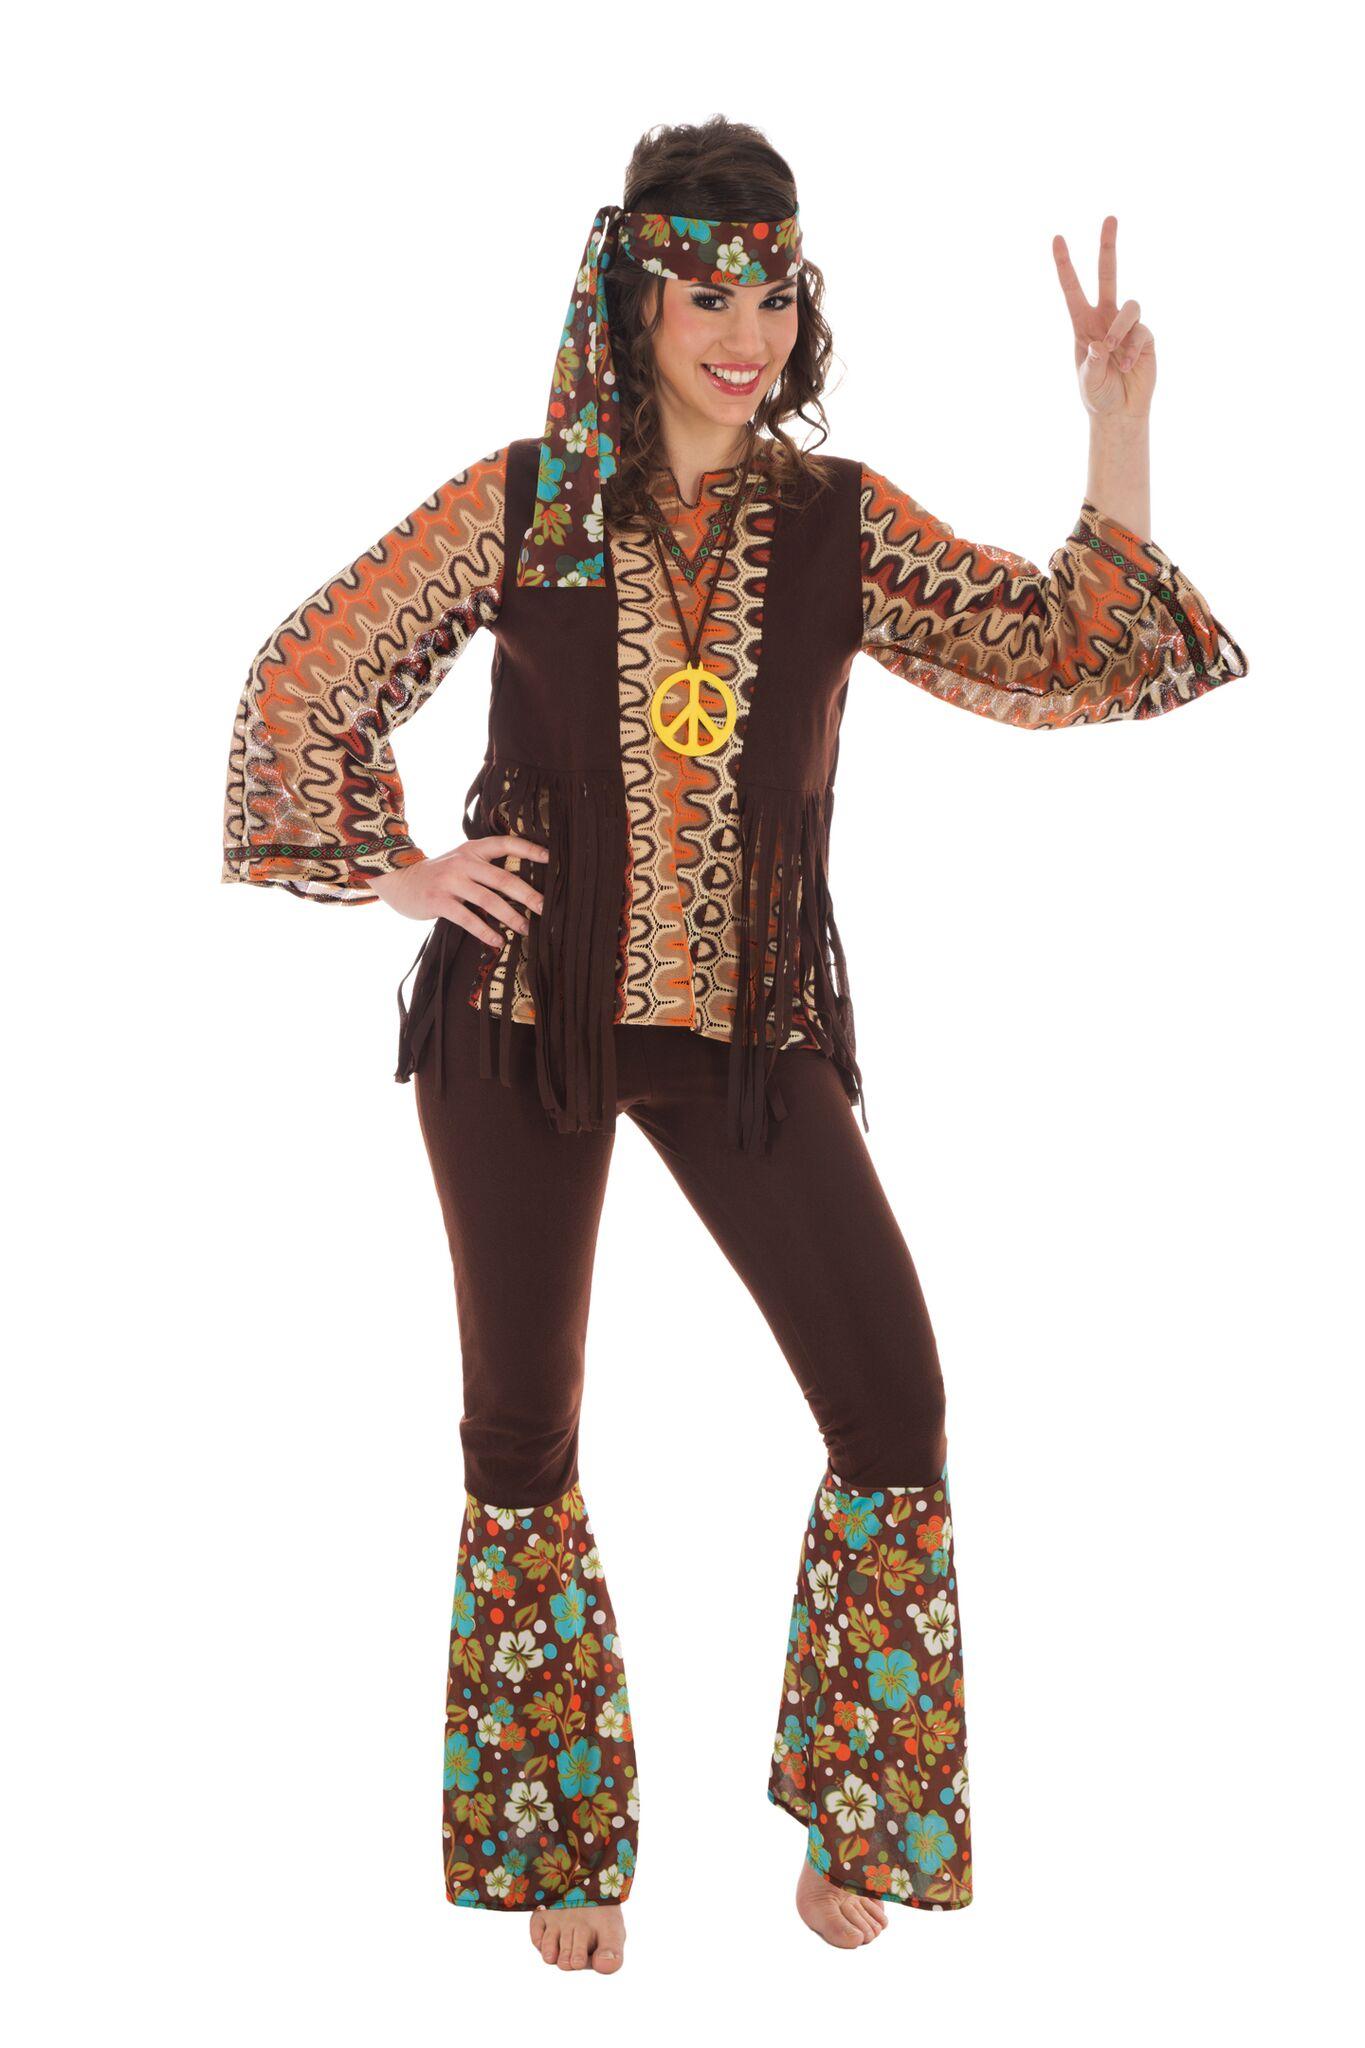 hippie kostüm damen flower power outfit grösse s, mehrfarbig